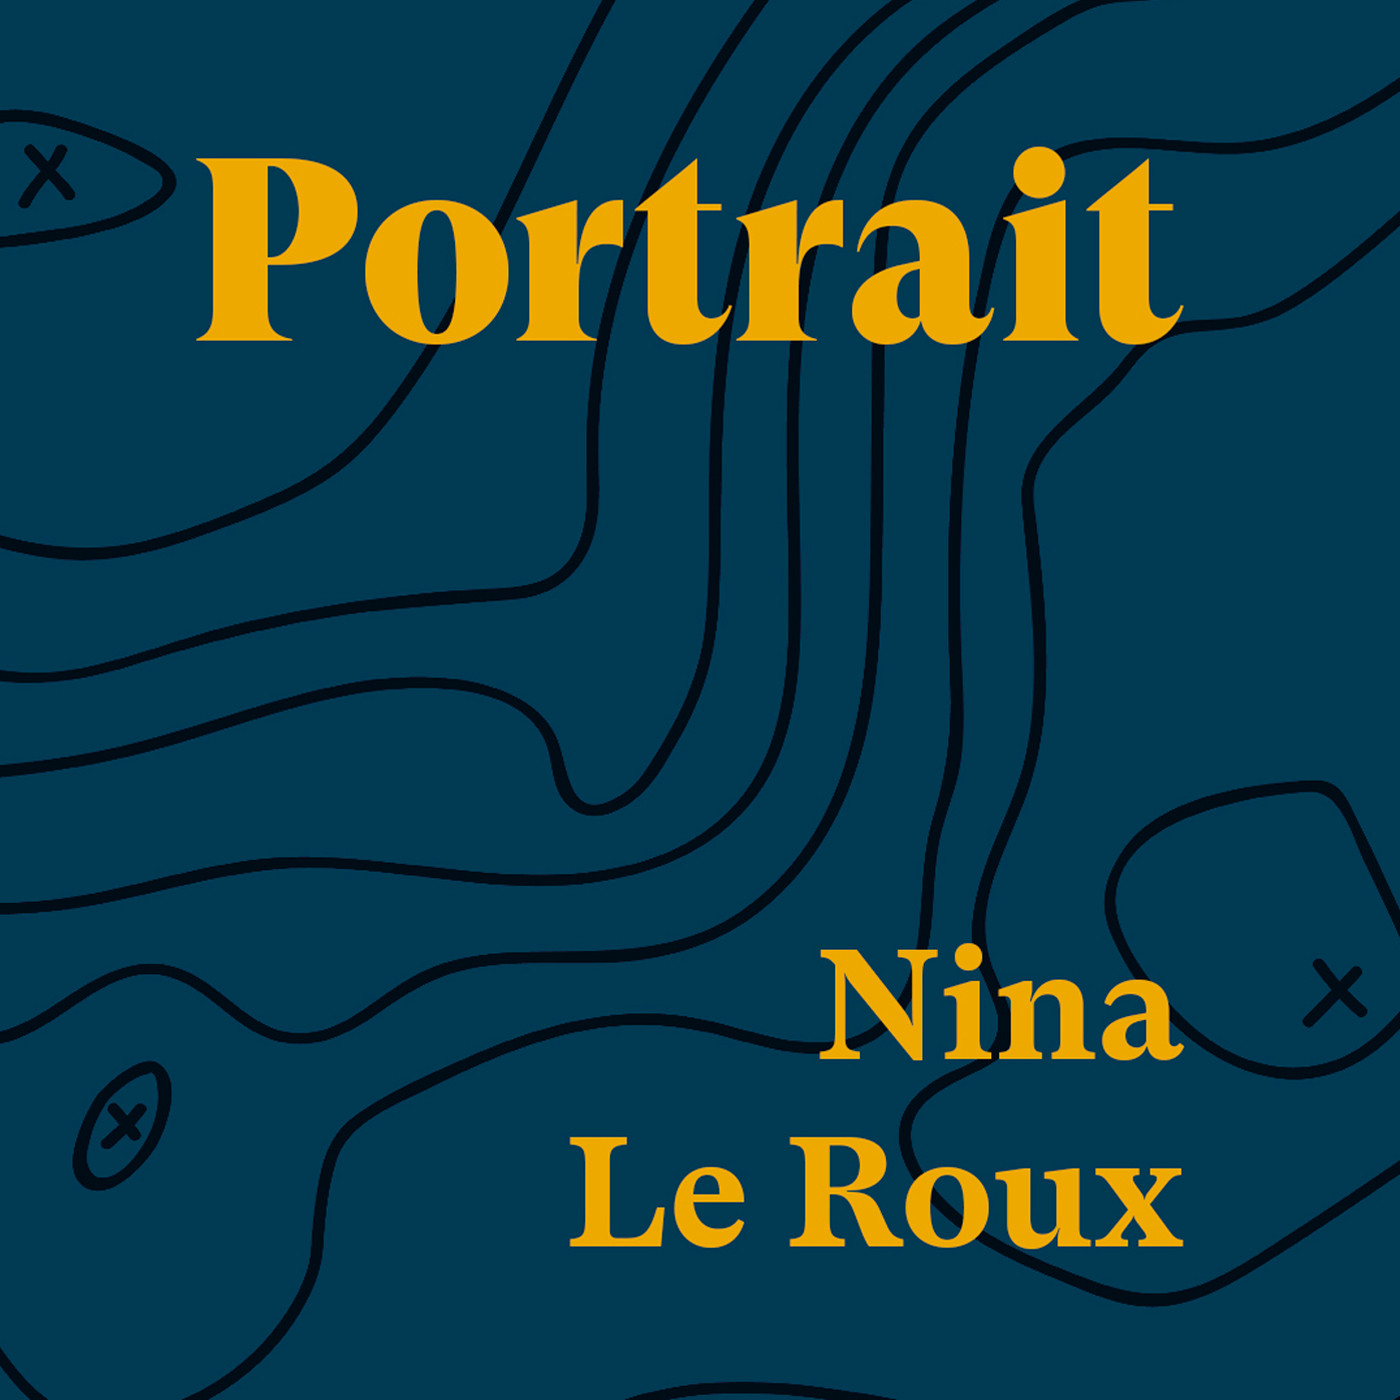 Portrait Nina Le Roux